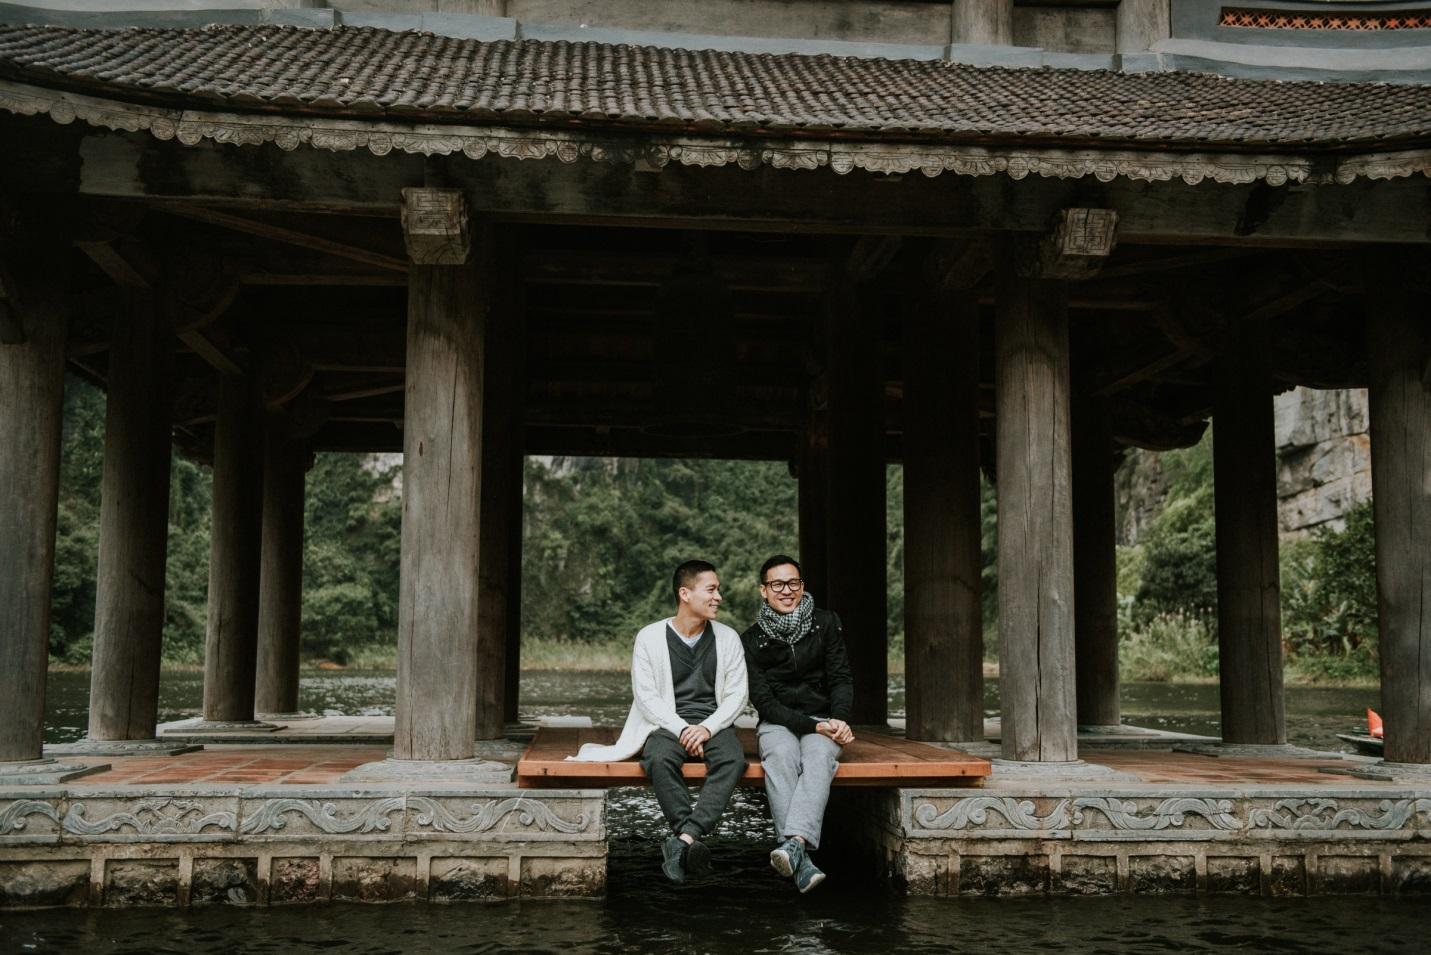 Có một Emeralda Resort Ninh Binh đẹp như mơ giữa vùng đất cố đô Hoa Lư - Ảnh 1.